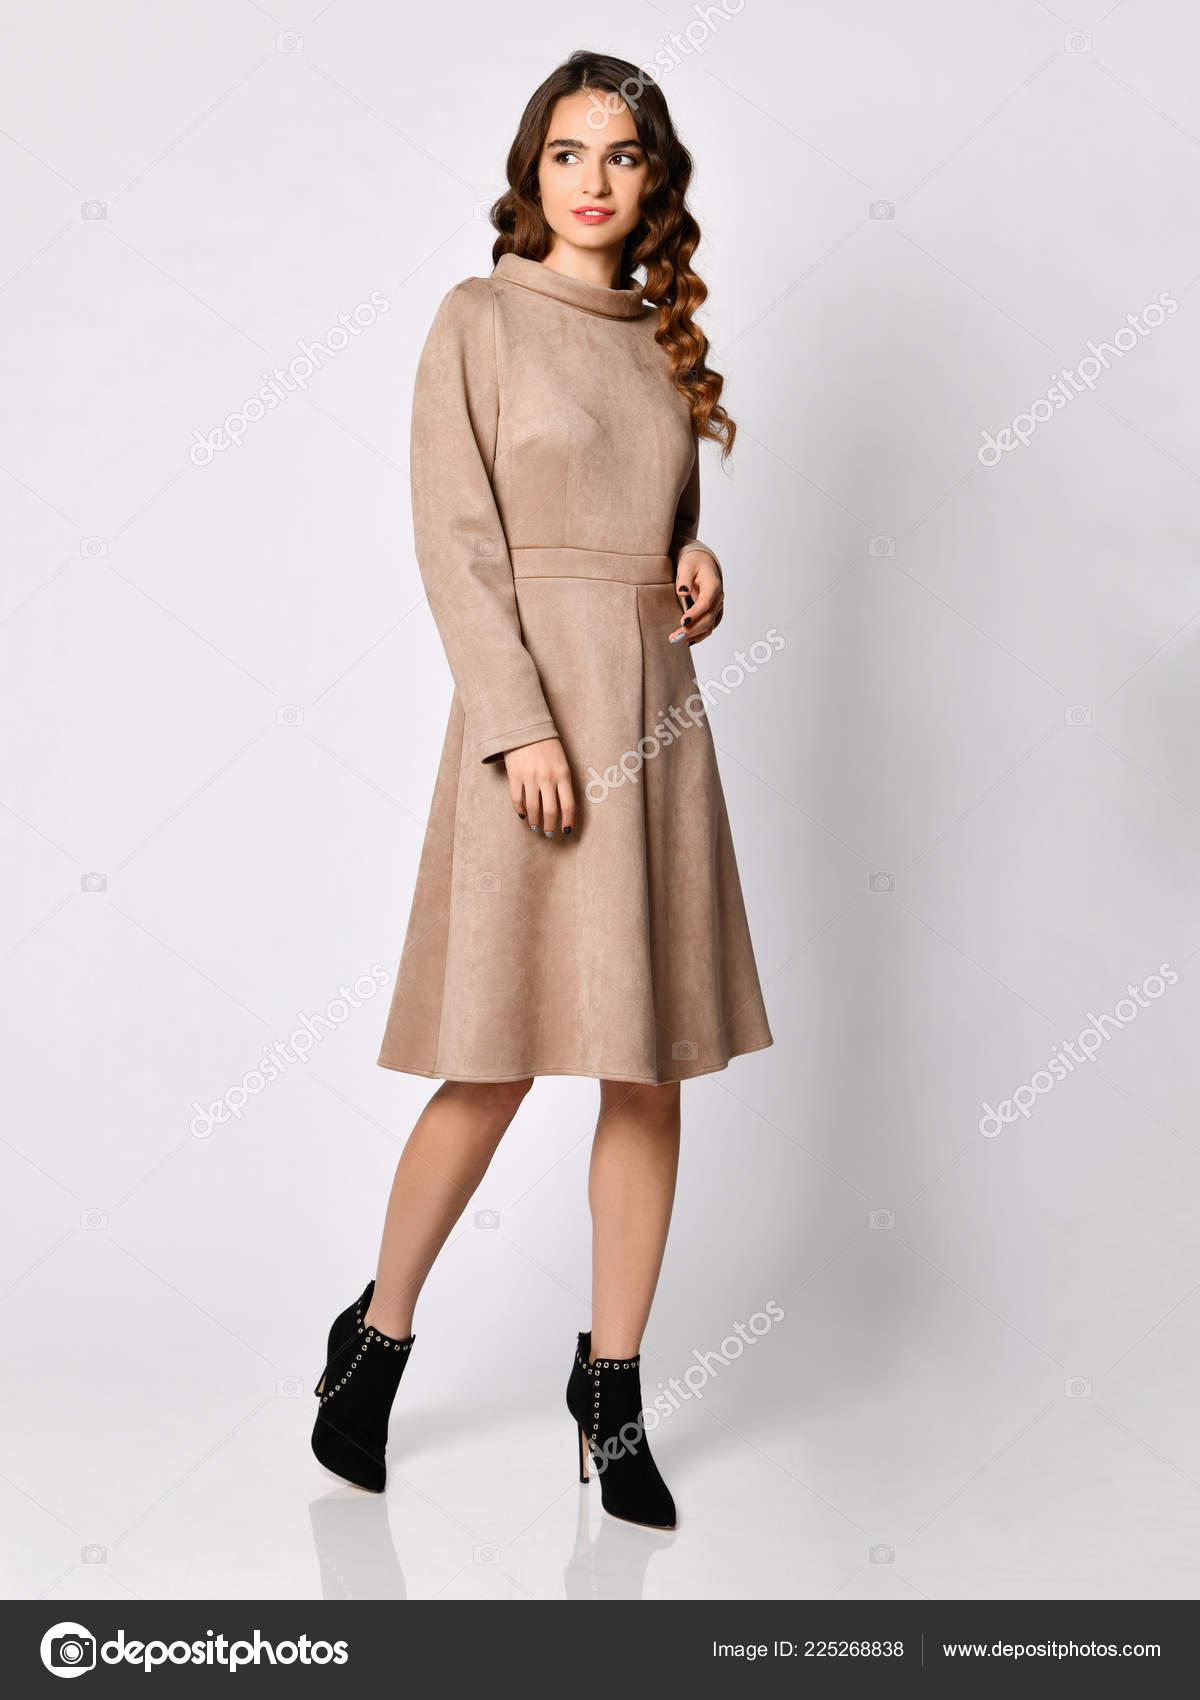 80127f80dd0907 Jonge mooie vrouw poseren in nieuwe grijze suède winter mode jurk —  Stockfoto